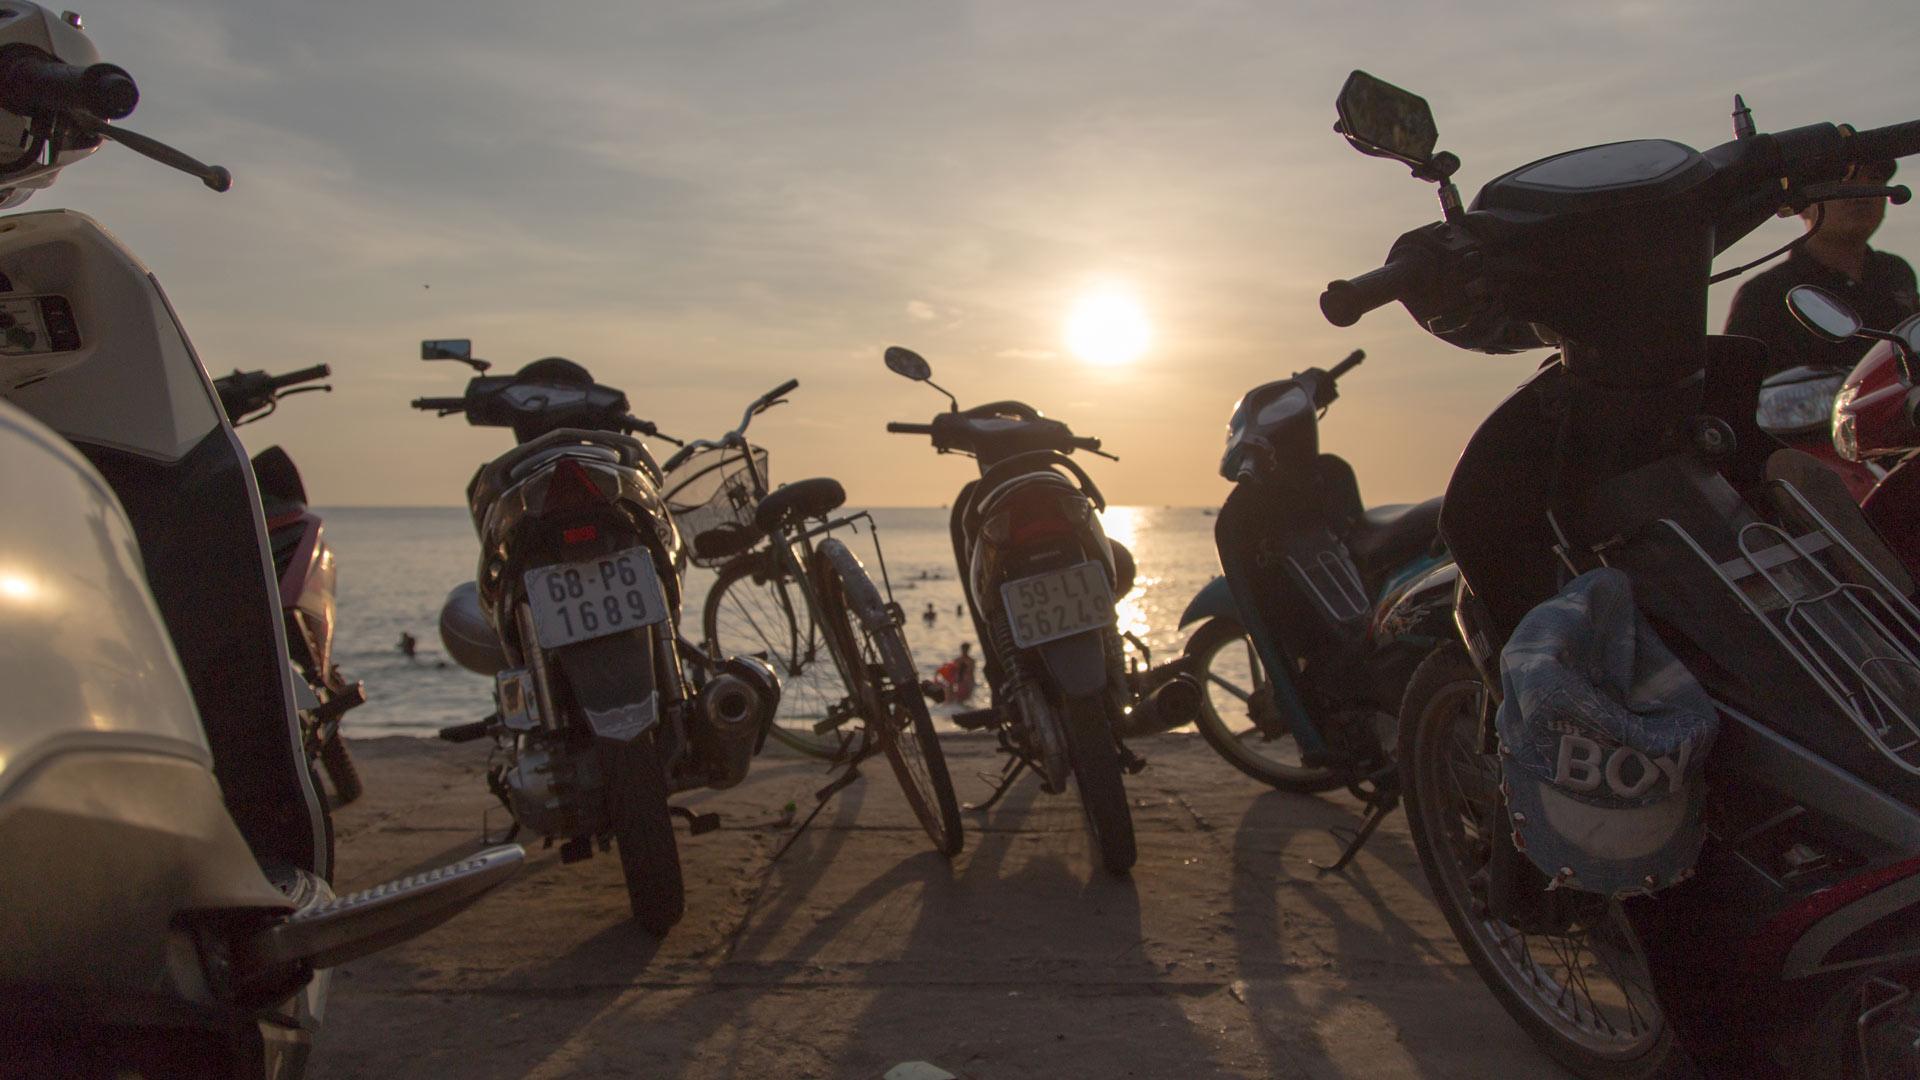 Exploring Dương Đông in Phú Quốc